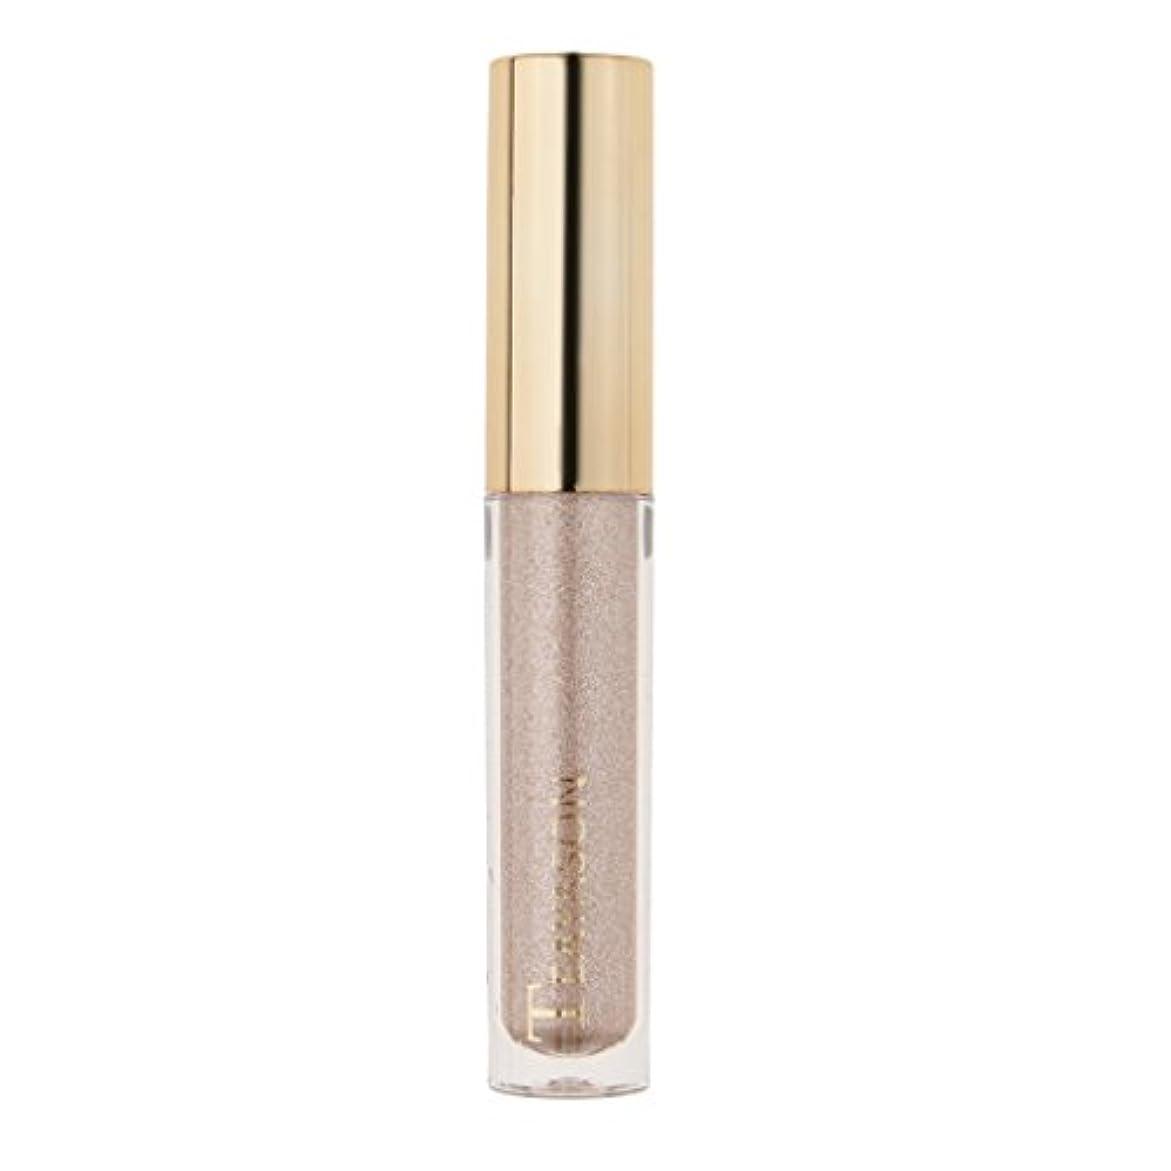 カブに絶壁8色液体アイシャドーキラキラシマー化粧品顔料長期持続性 - 4#